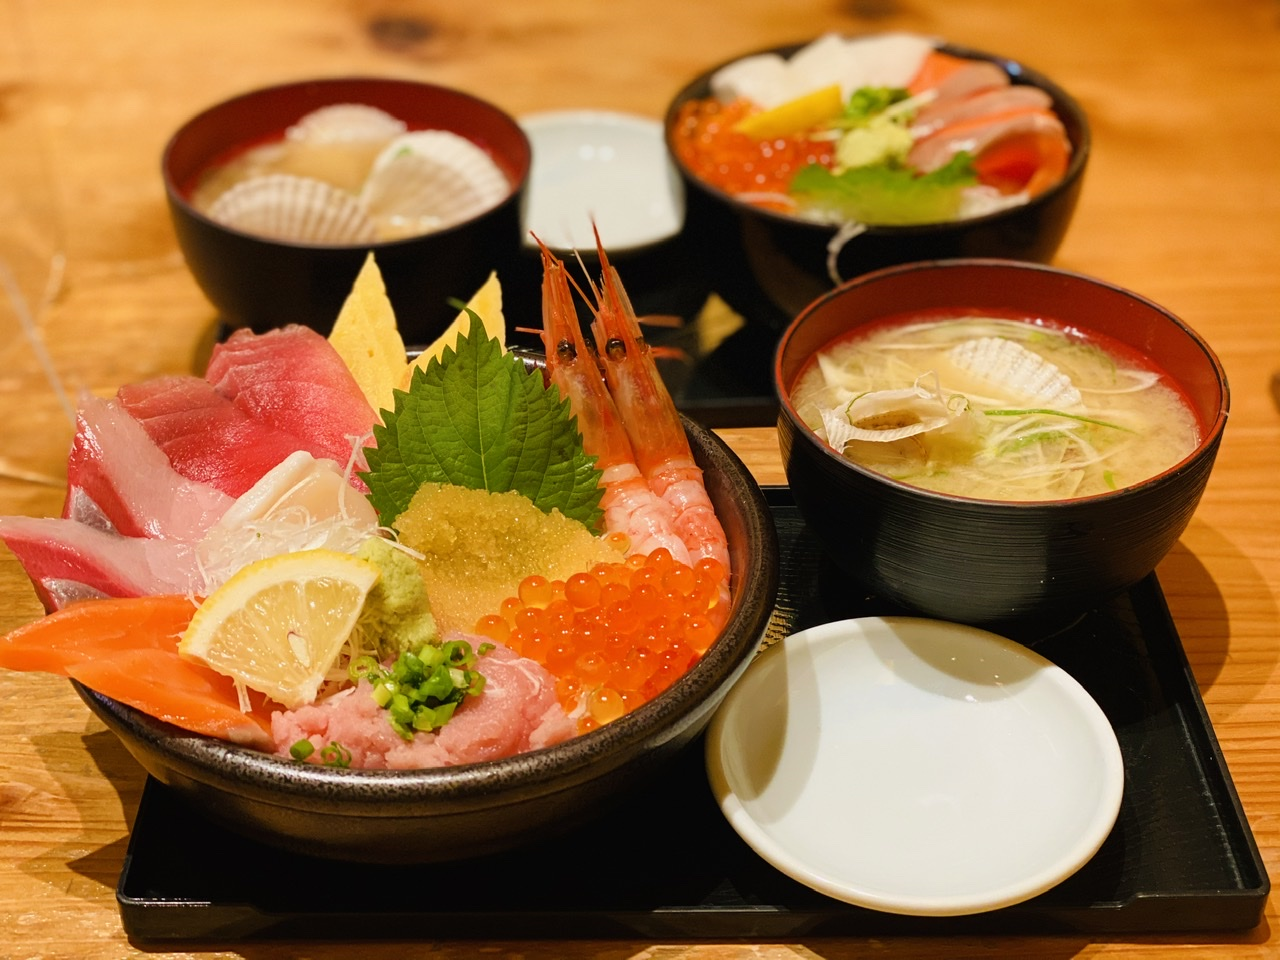 【新千歳空港グルメ】本場の海鮮丼を食べるならココ!鮮魚店直営《どんぶり茶屋》★_6